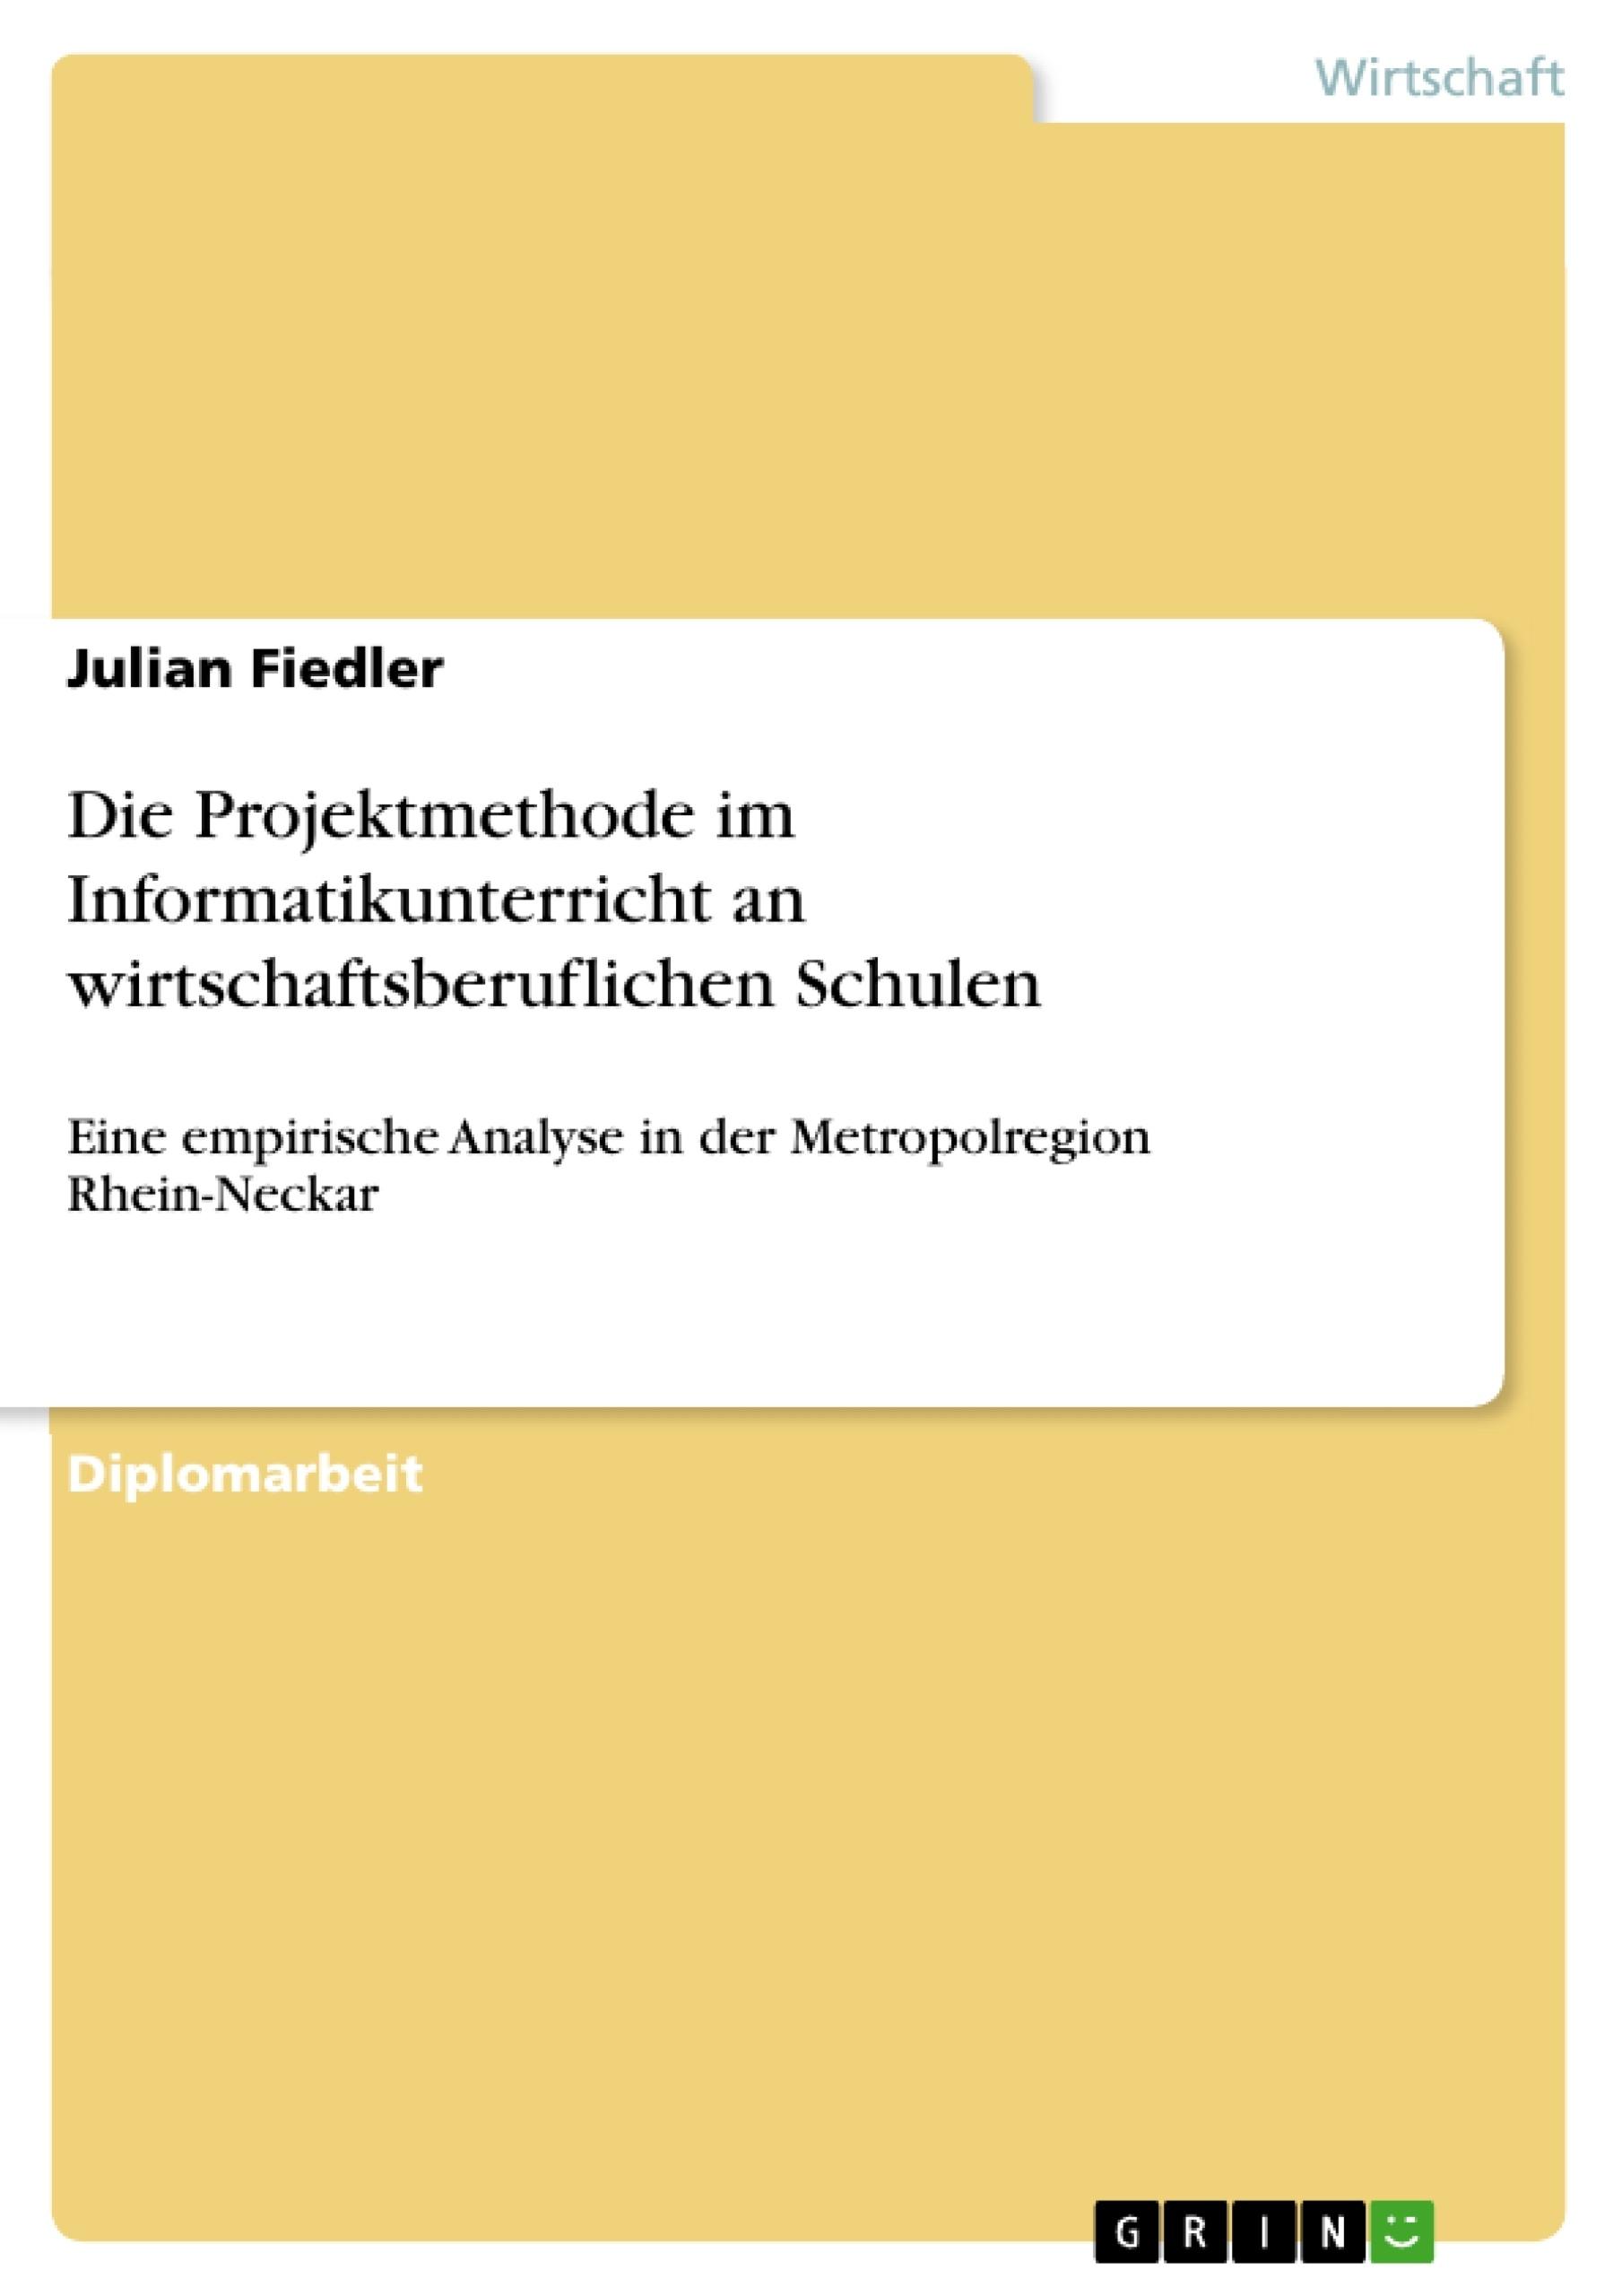 Titel: Die Projektmethode im Informatikunterricht an wirtschaftsberuflichen Schulen